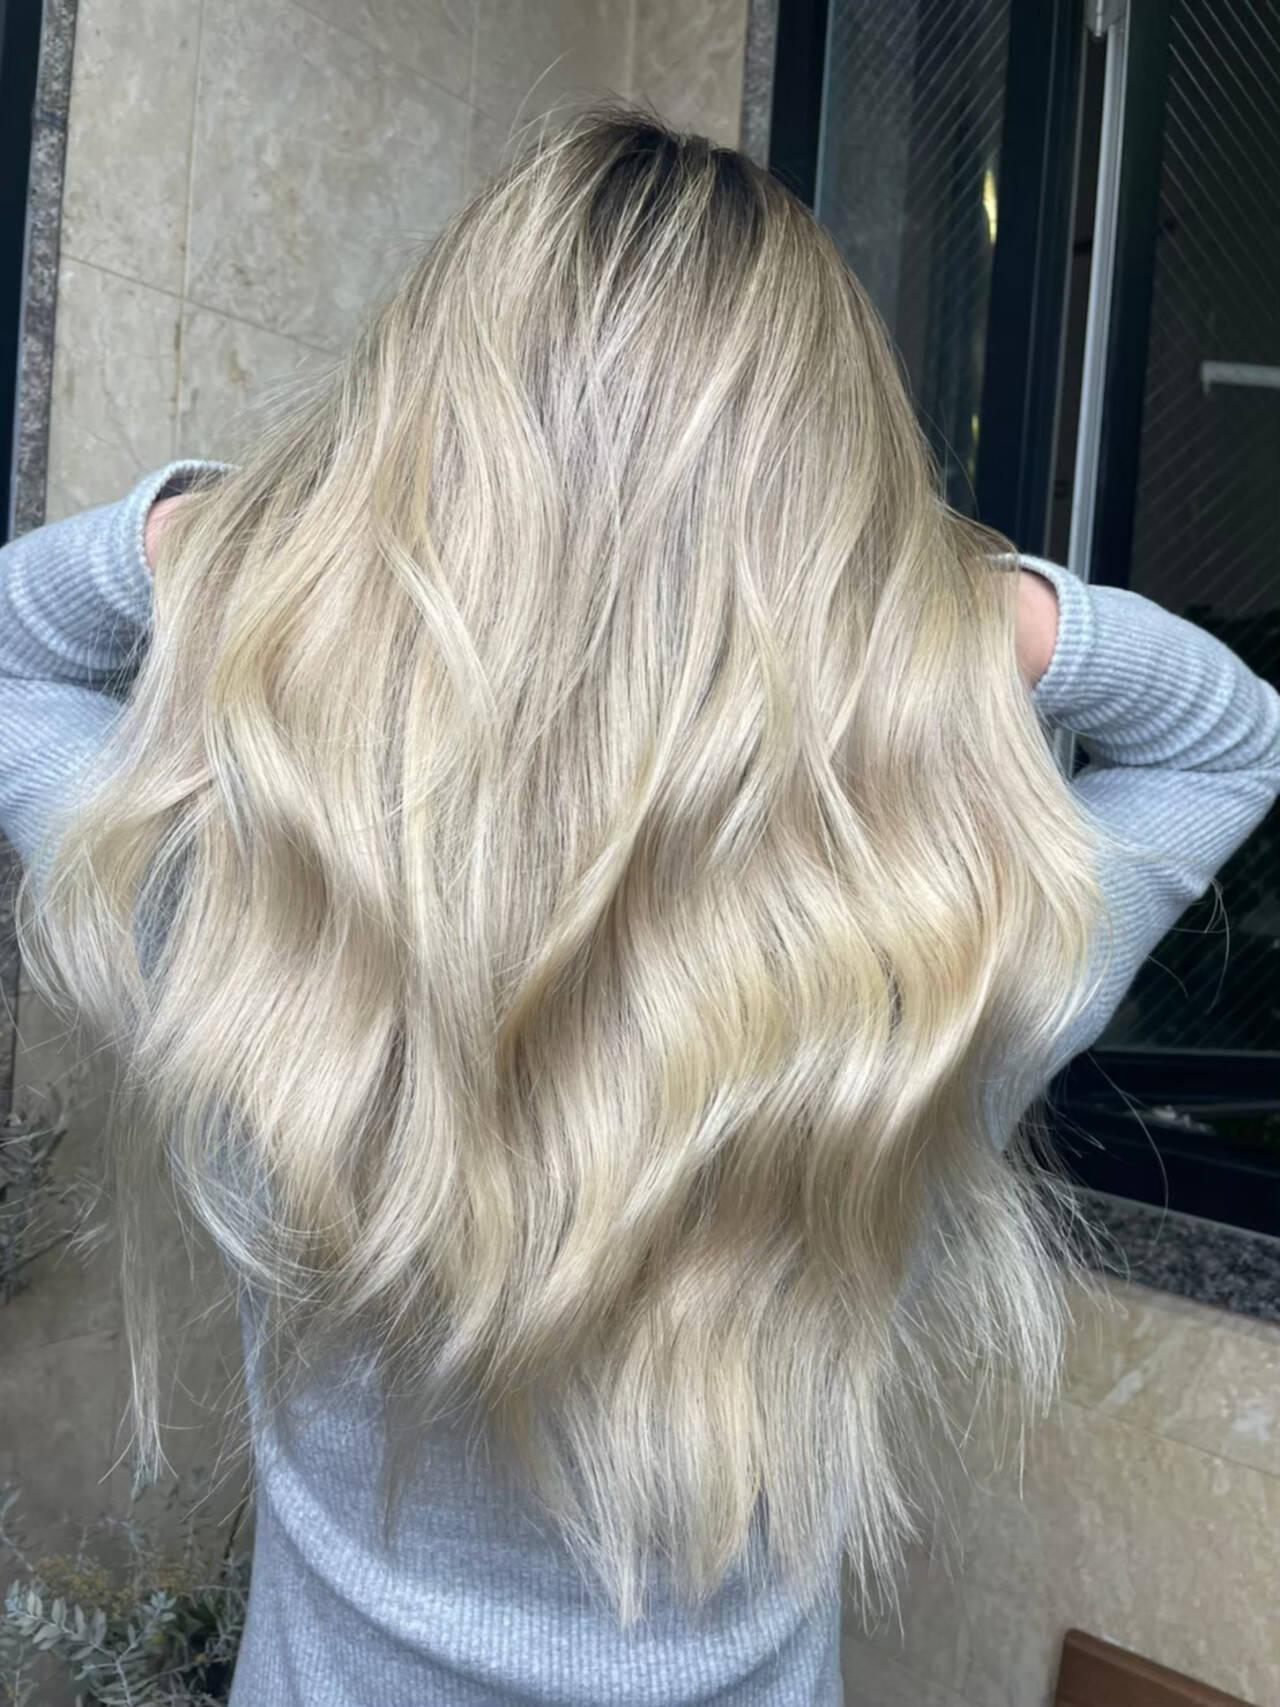 ミニボブ 透明感カラー ウルフレイヤー ミディアムレイヤーヘアスタイルや髪型の写真・画像